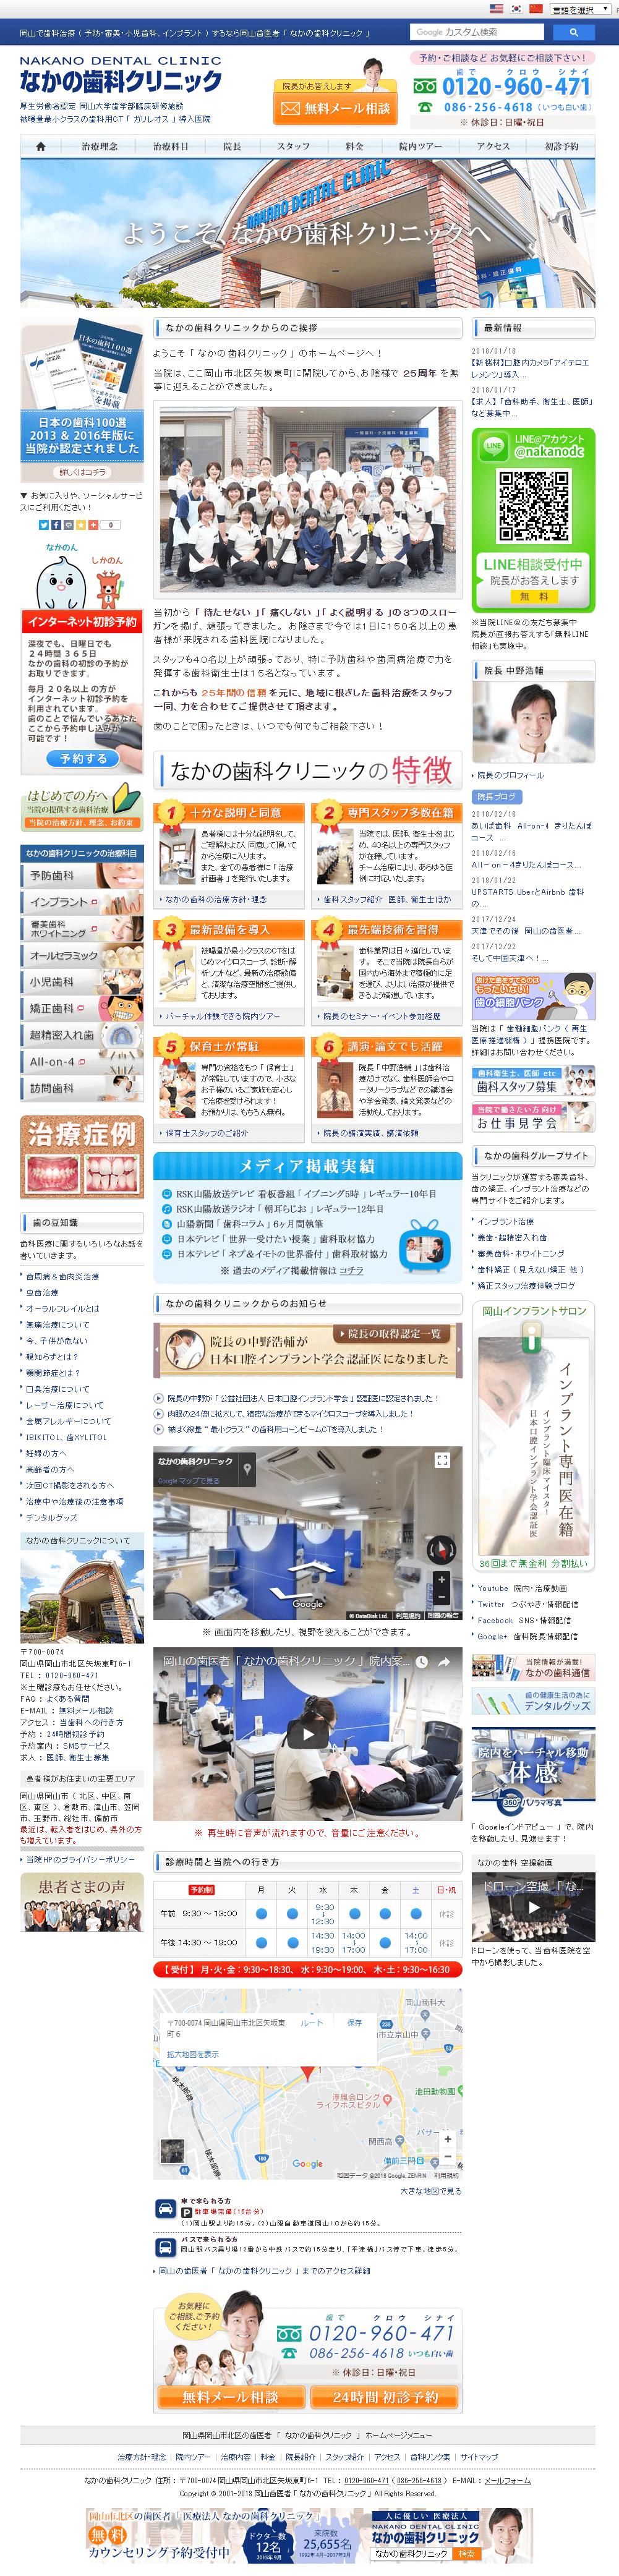 岡山市 なかの歯科クリニック様 ホームページ制作1